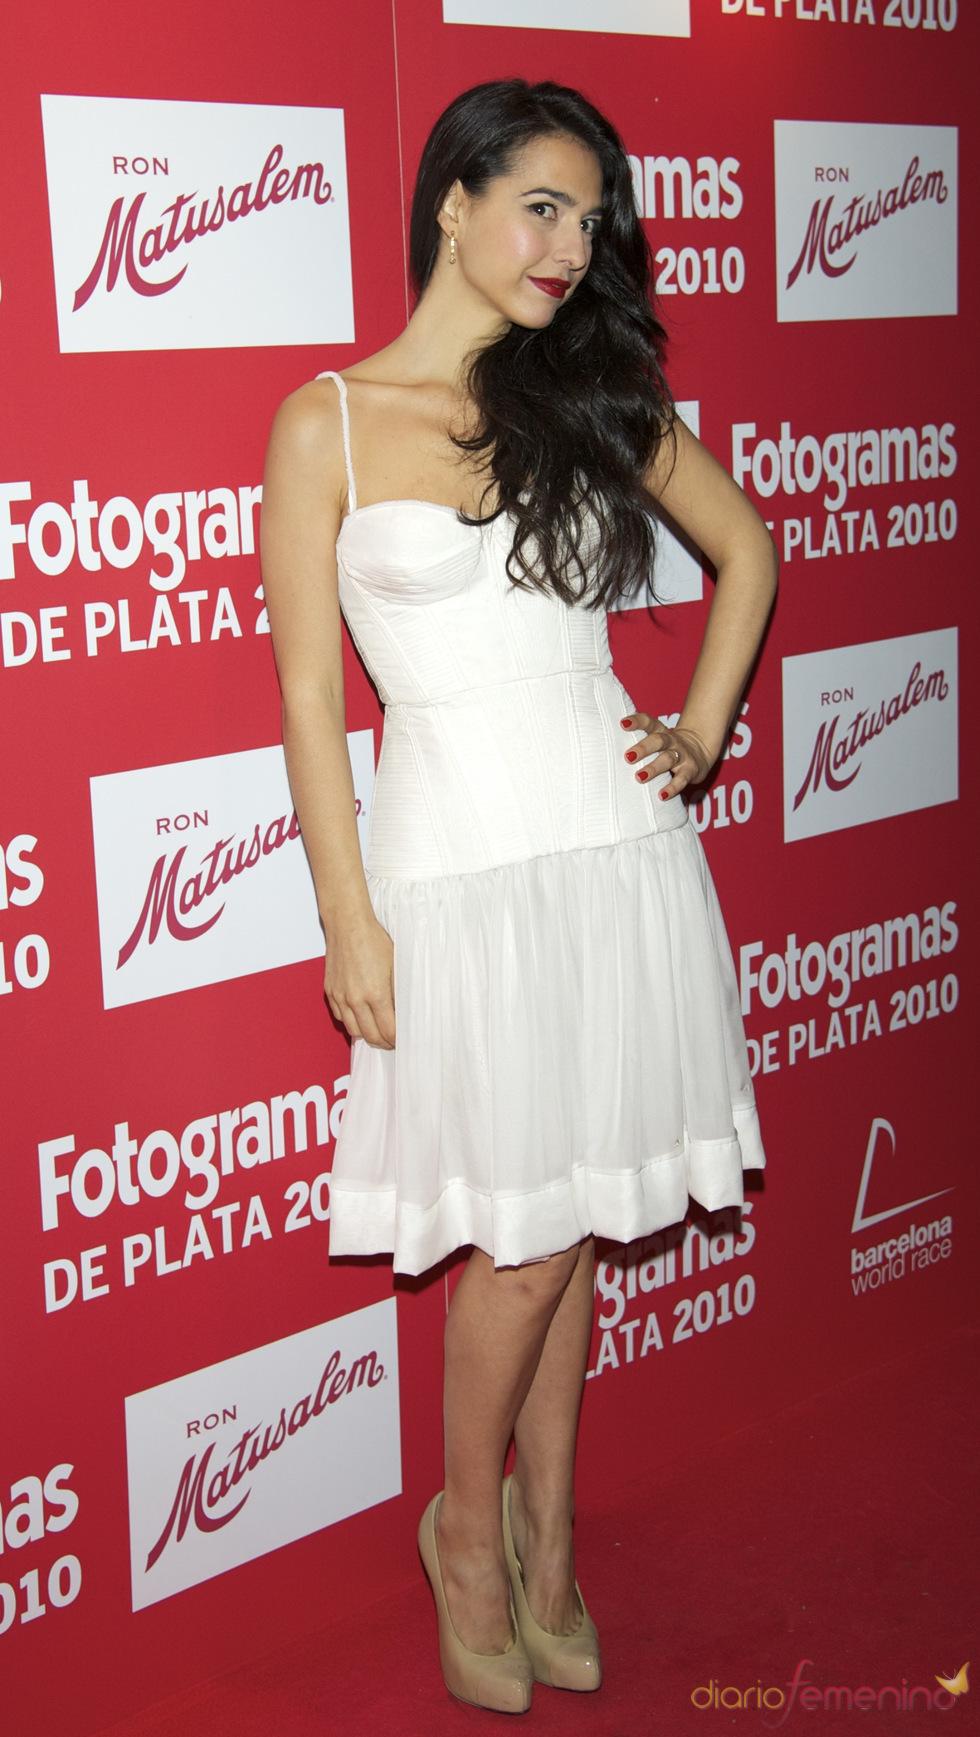 Cristina Brondo en los Premios Fotogramas de Plata 2010